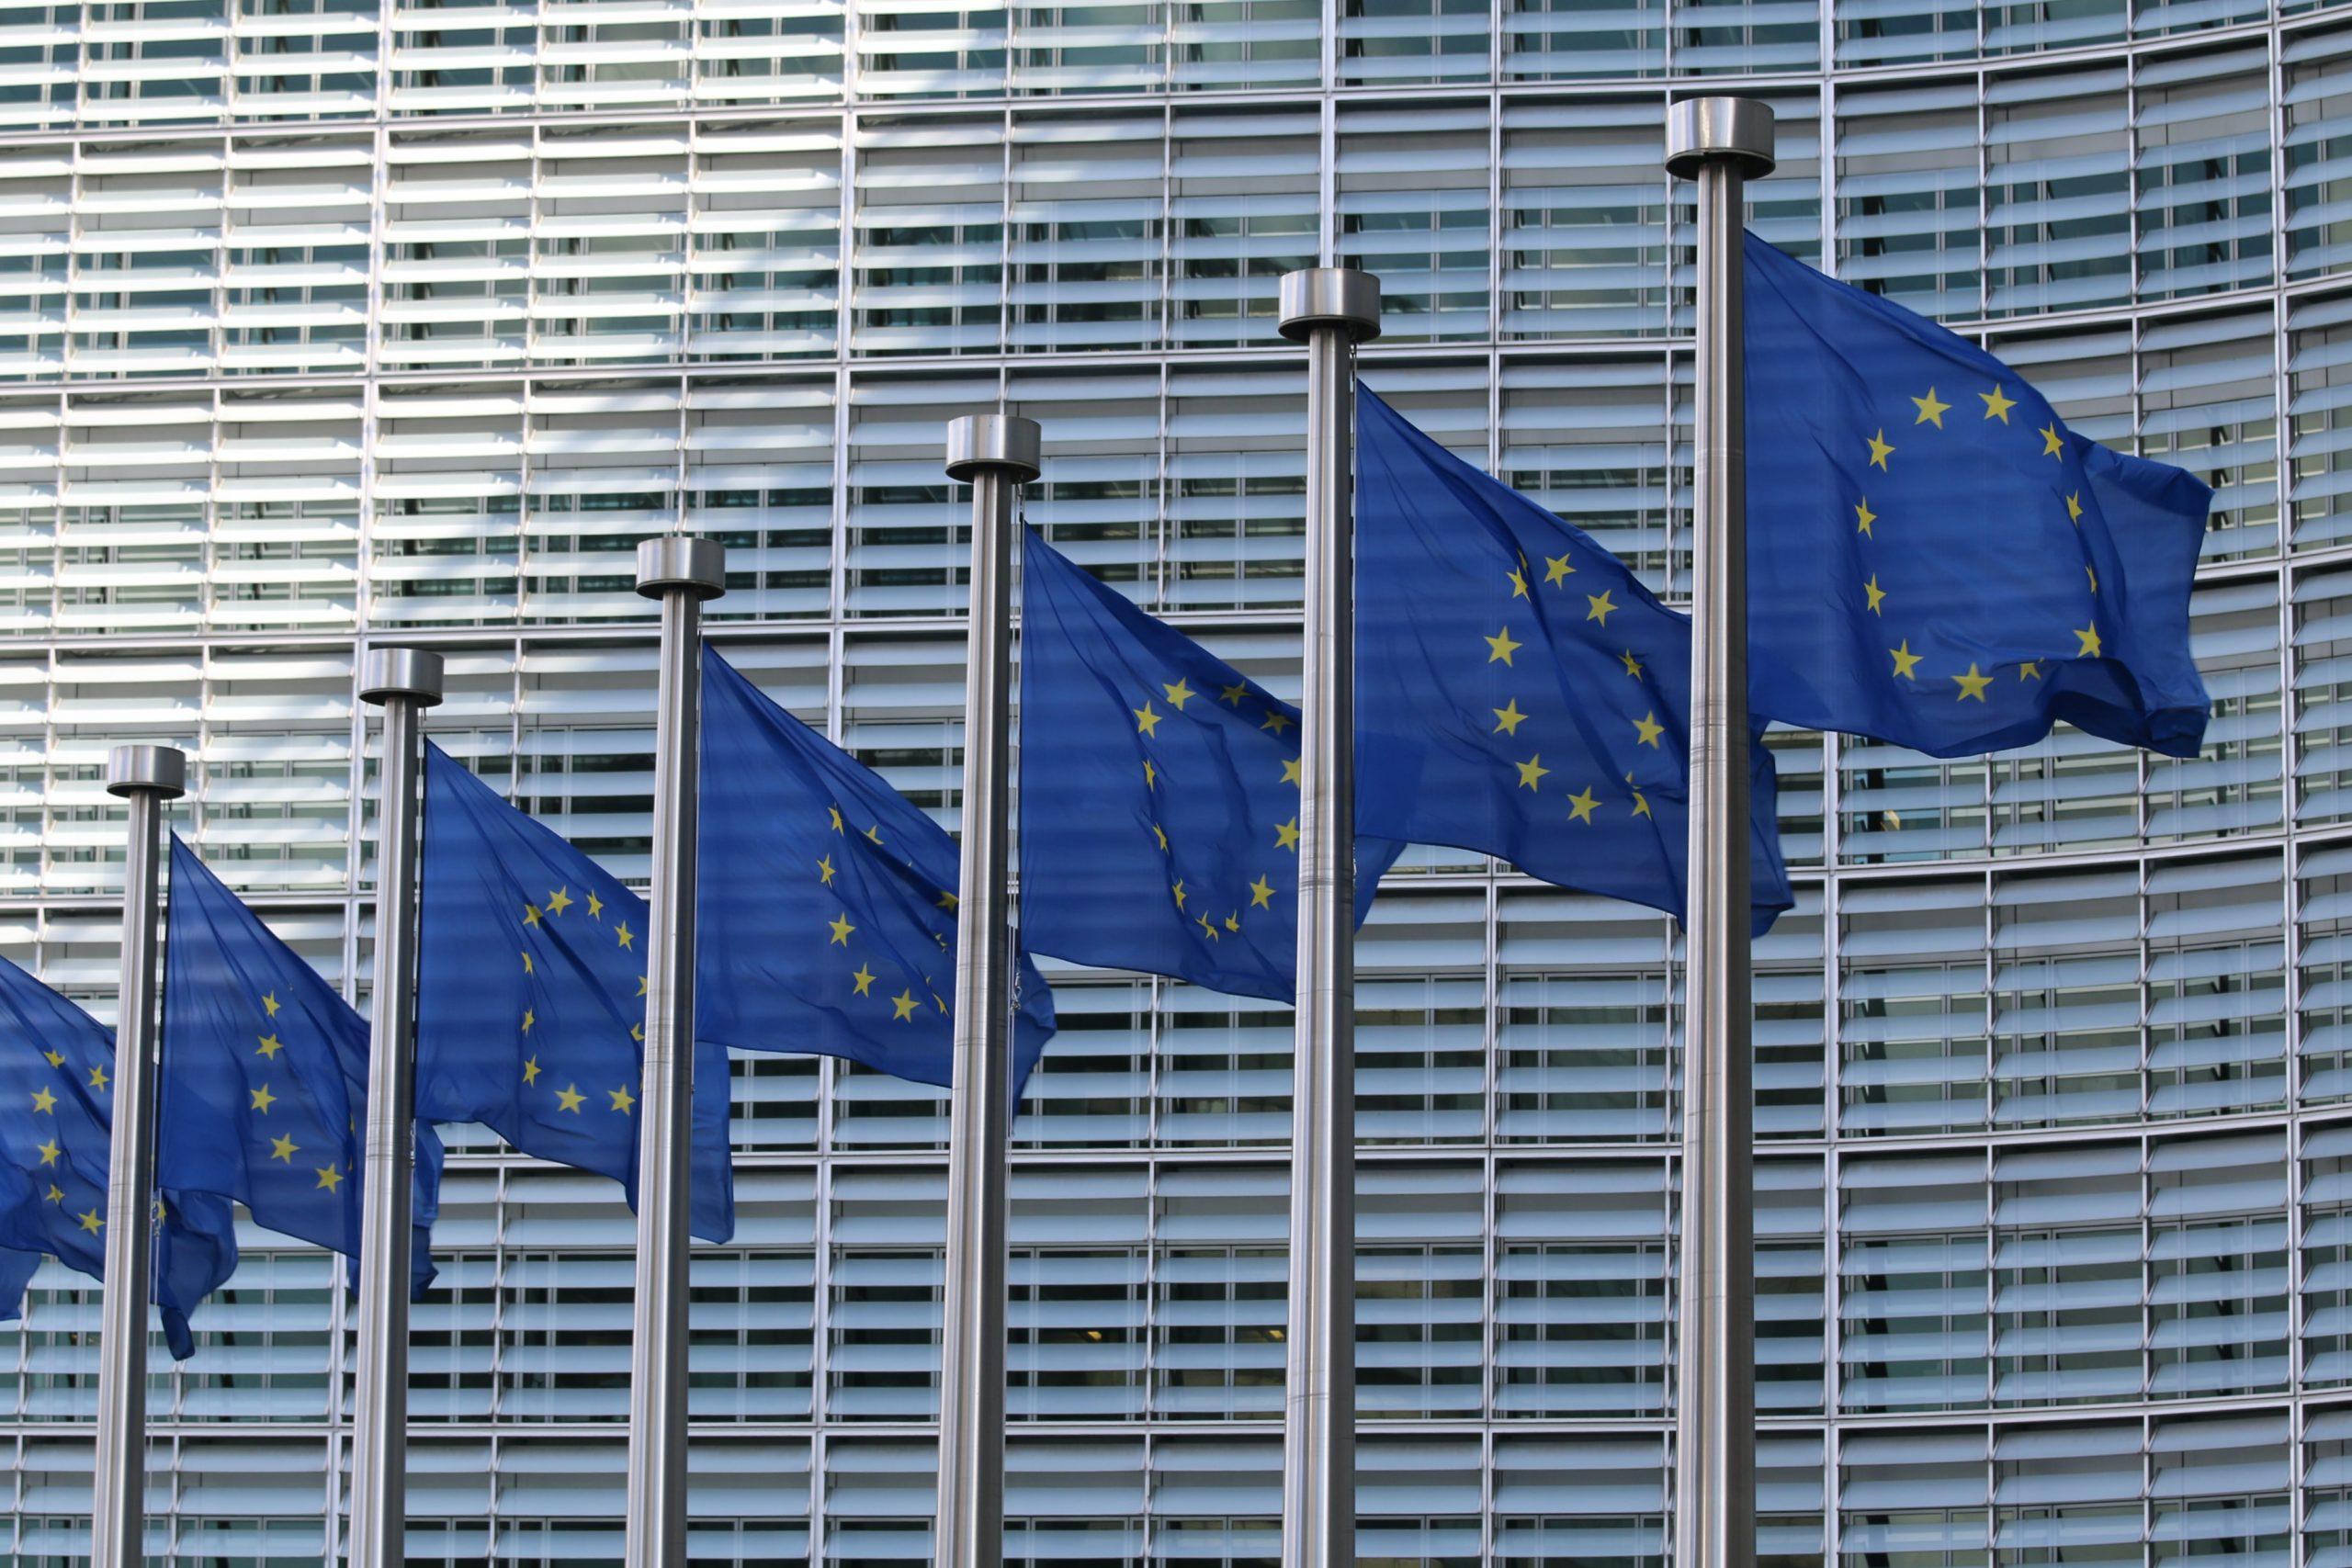 Conseil des ministres européens des Affaires étrangères: les valeurs européennes et les droits humains au cœur de la diplomatie de l'Union